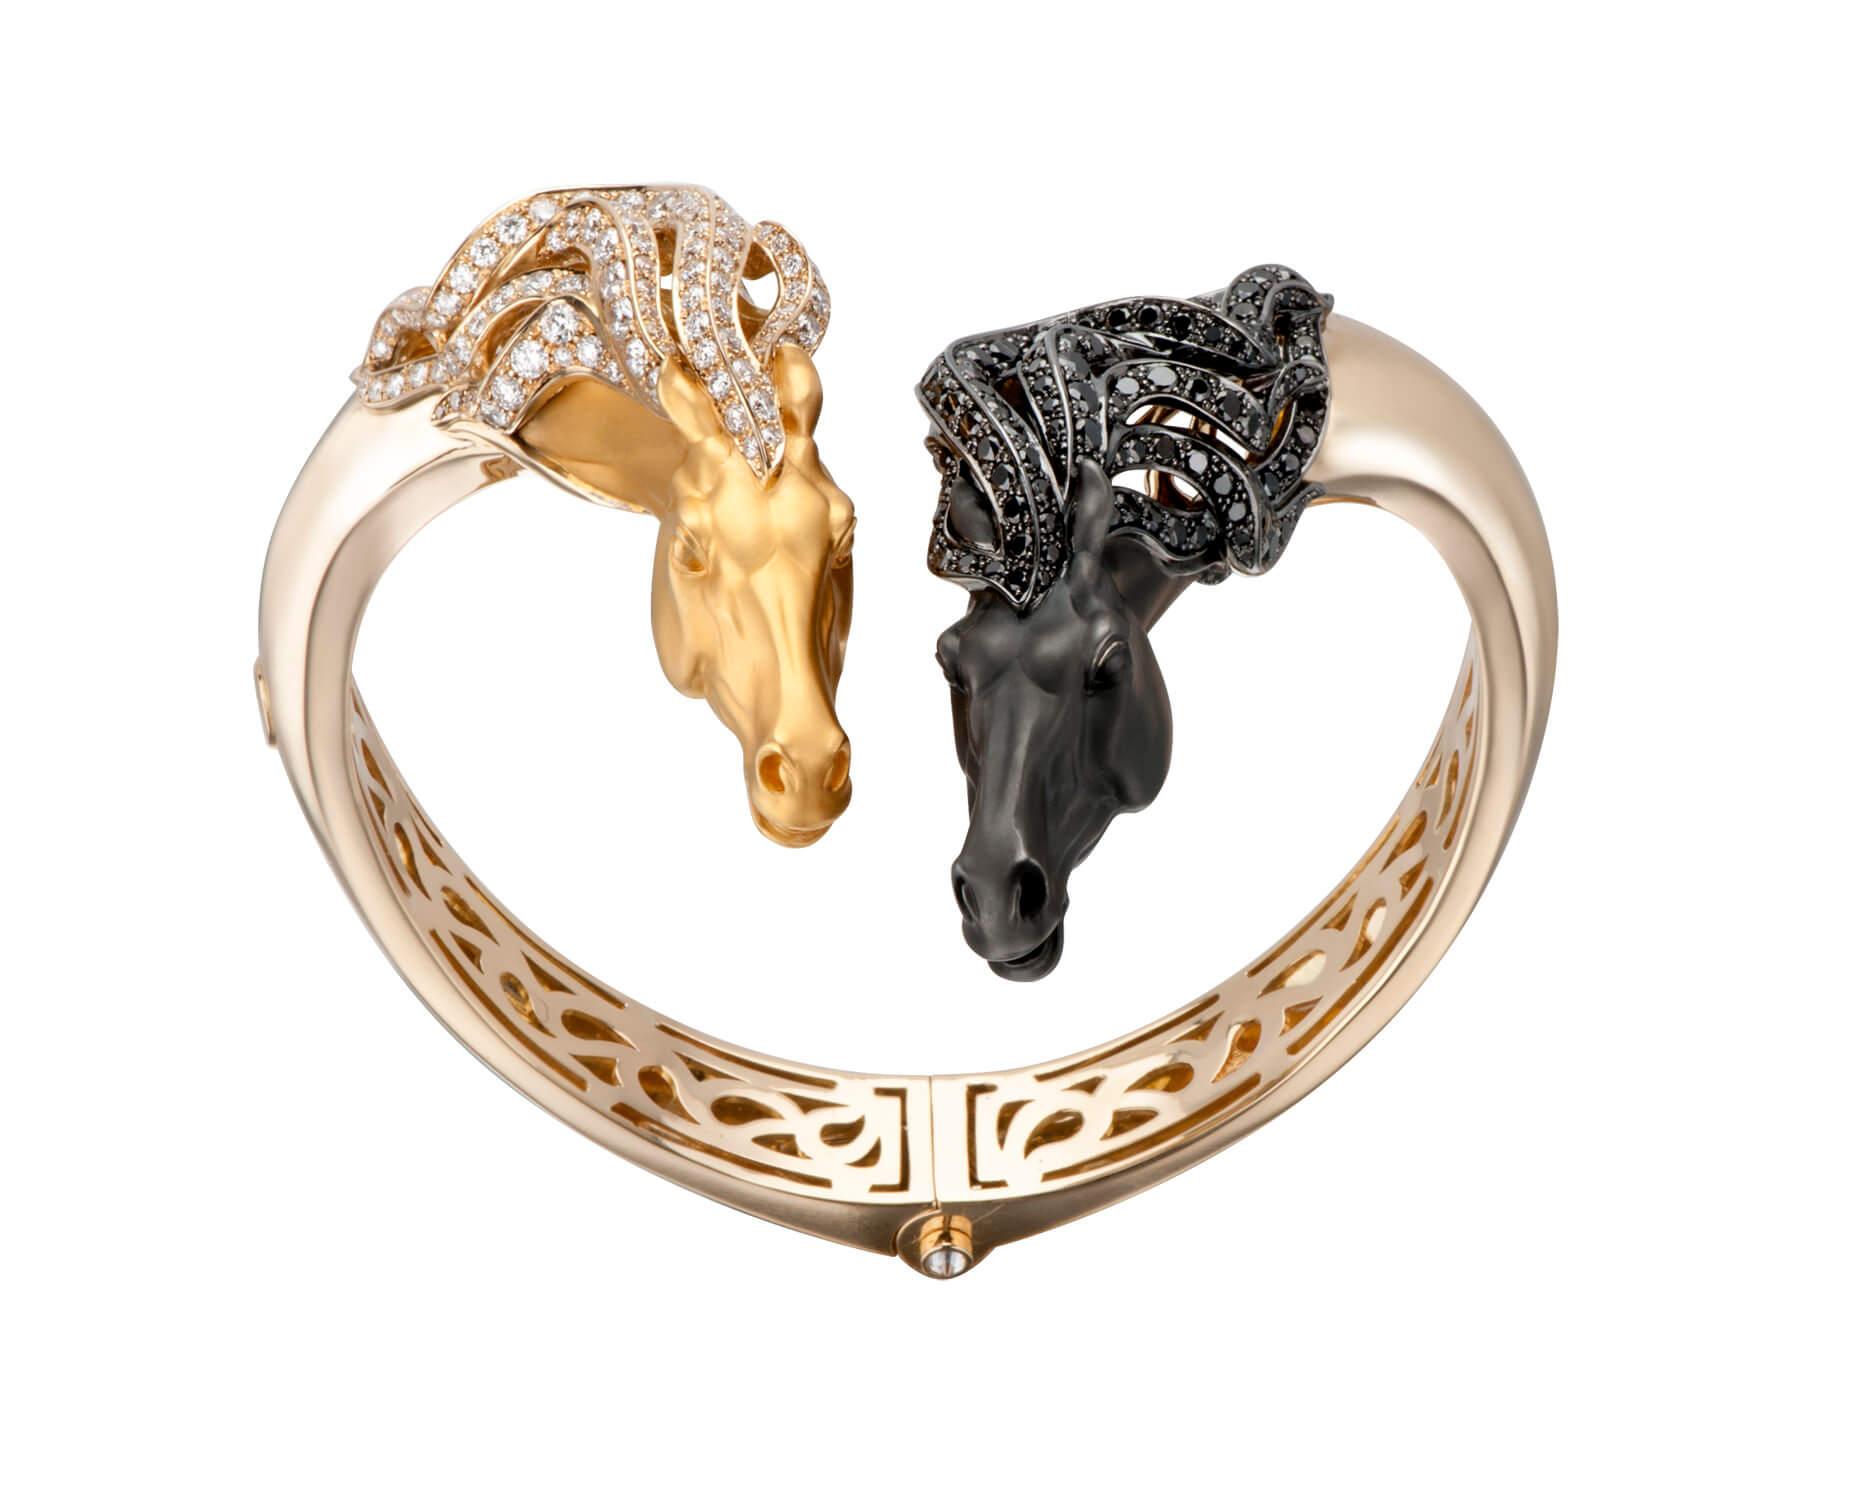 2a65ee601a59 Joyas de segunda mano  cómo comprar joyas más baratas - Corazón de Joyas